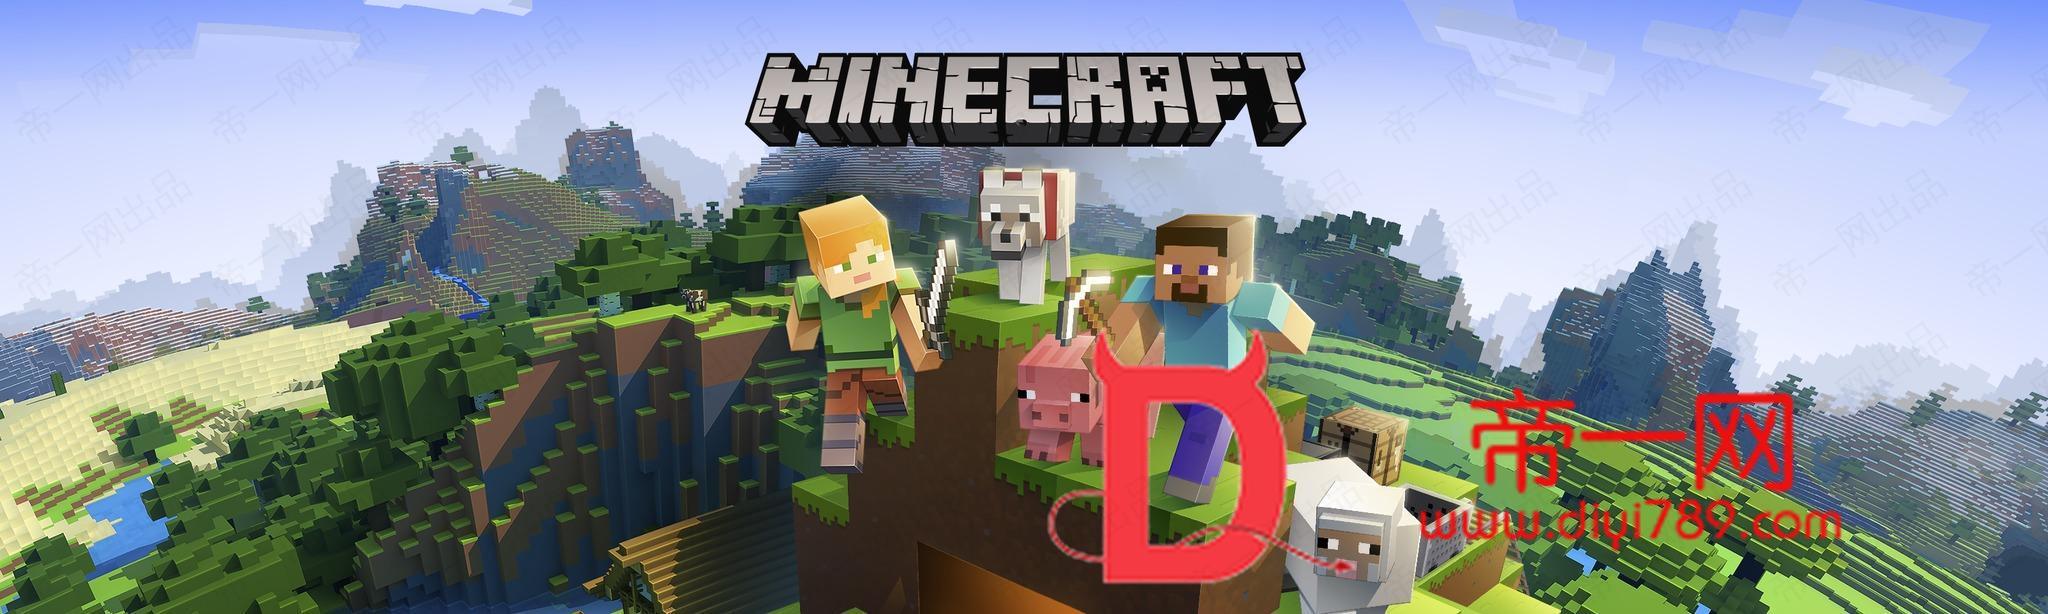 新版Oculus Quest 游戏《Minecraft VR》 我的世界VR游戏下载